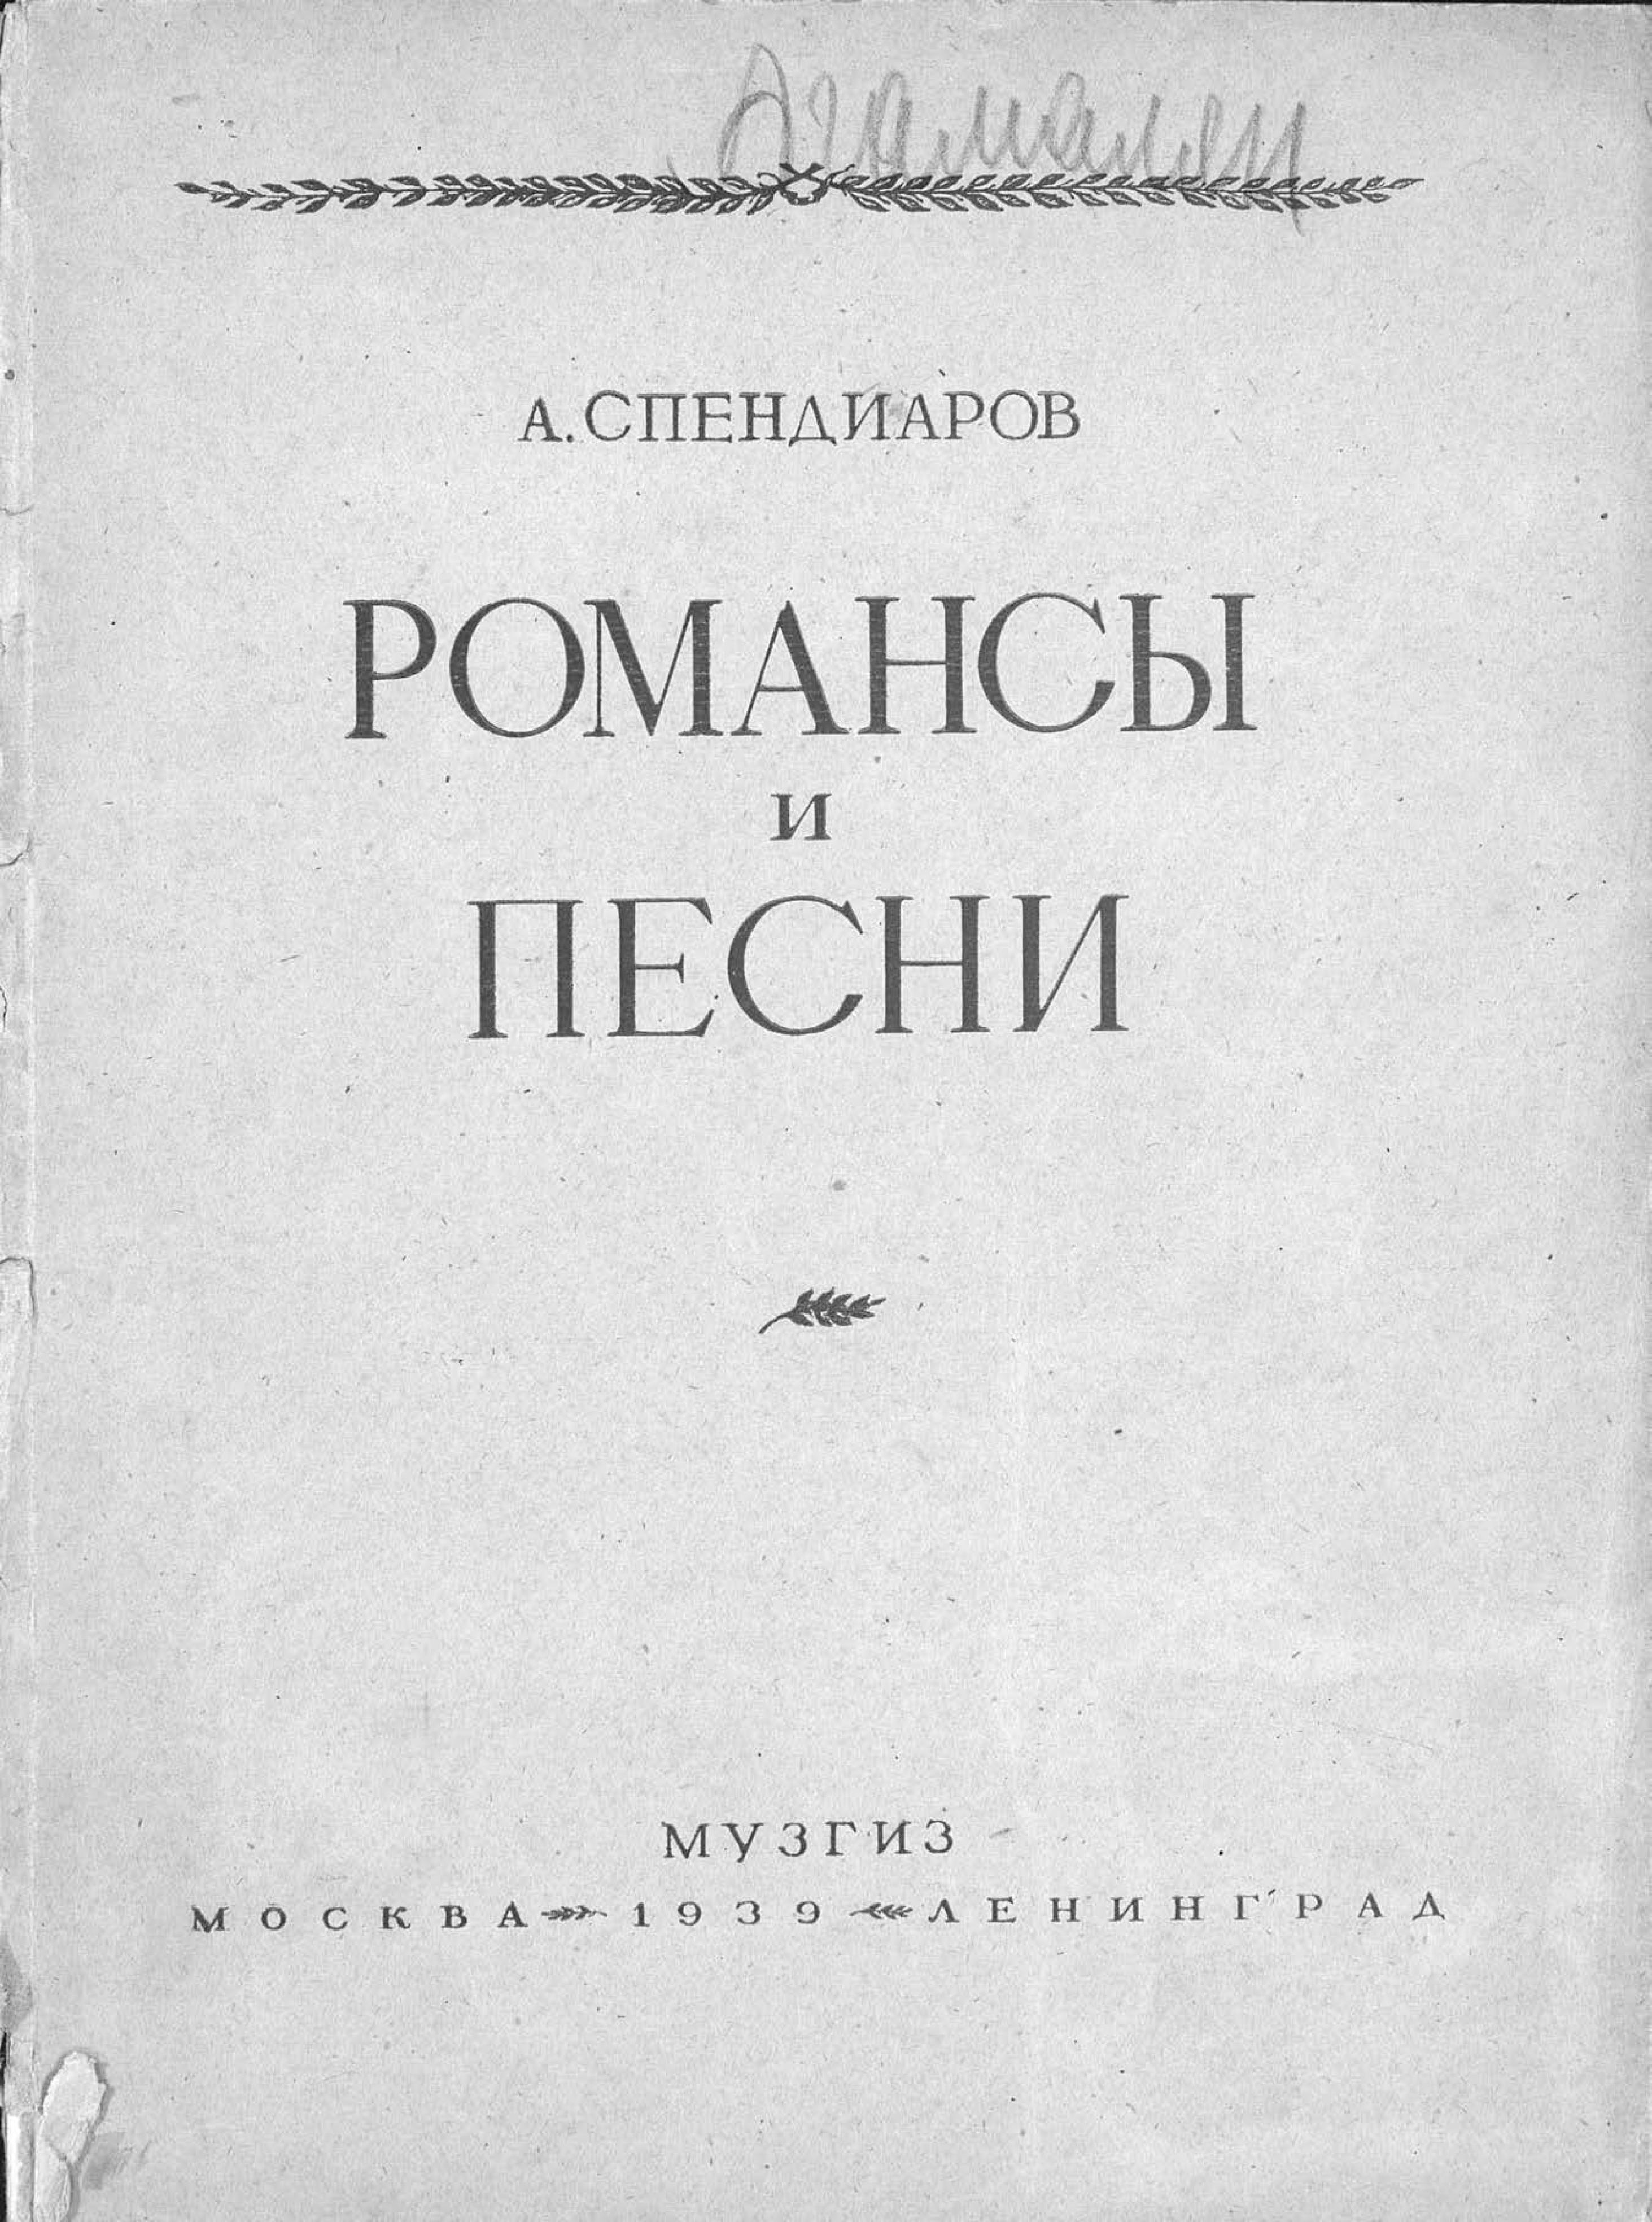 цены Александр Афанасьевич Спендиаров Избранные романсы и песни для голоса с фортепиано